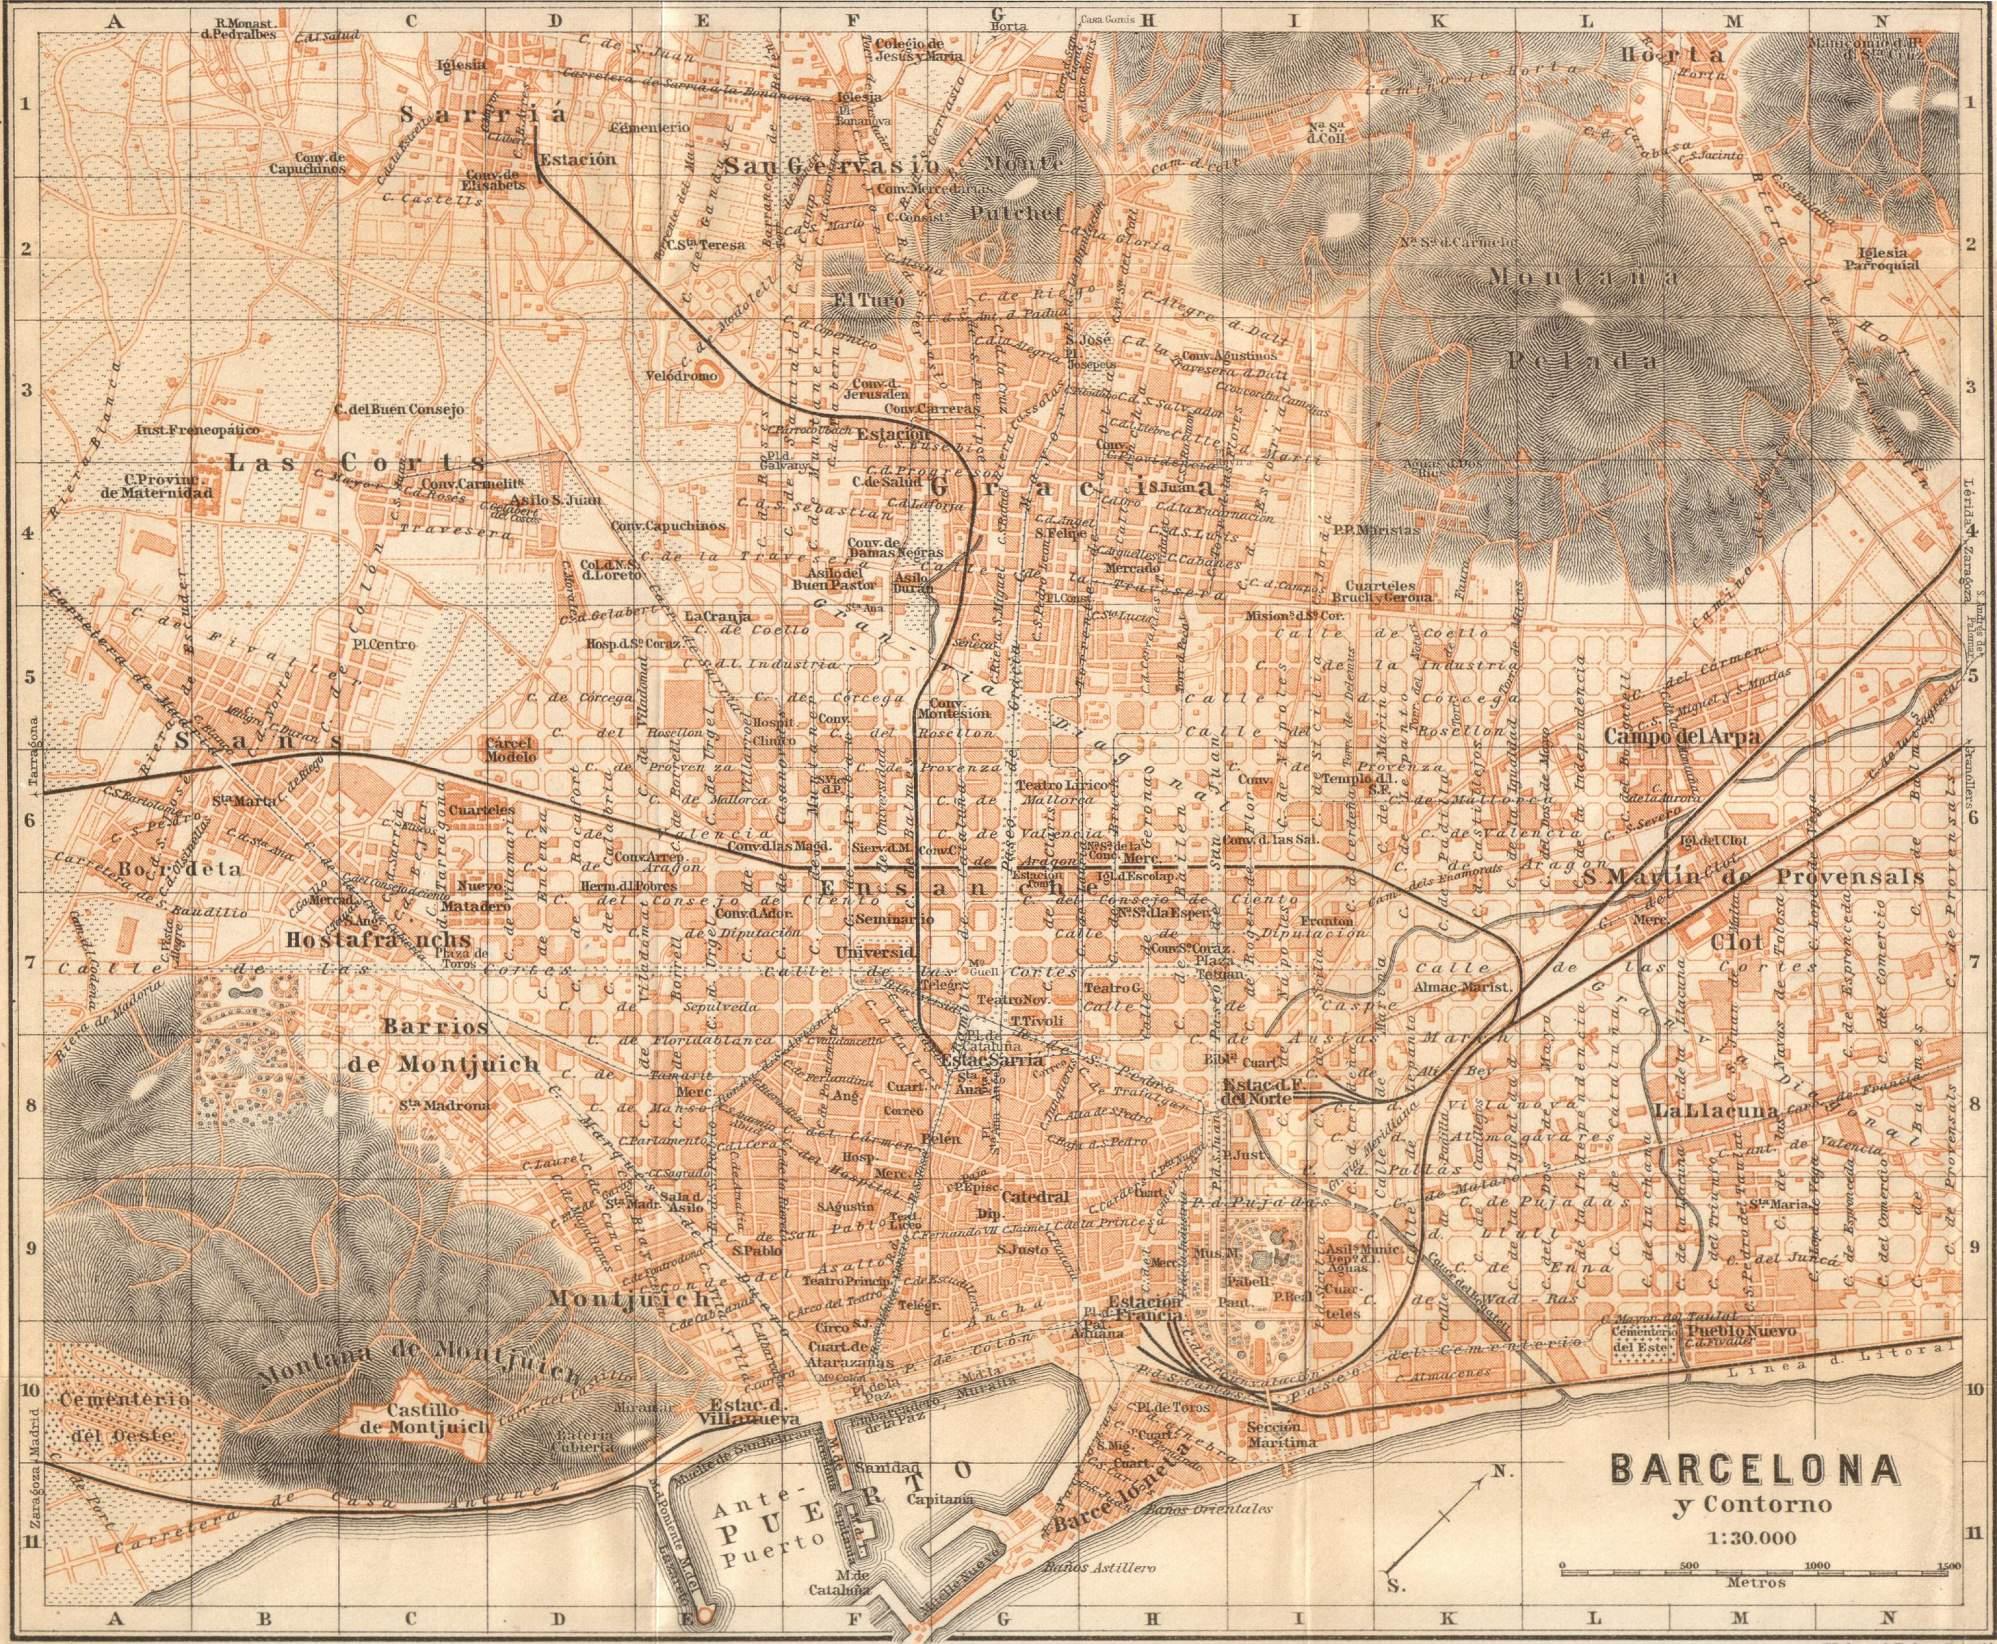 Barcelona in 1901